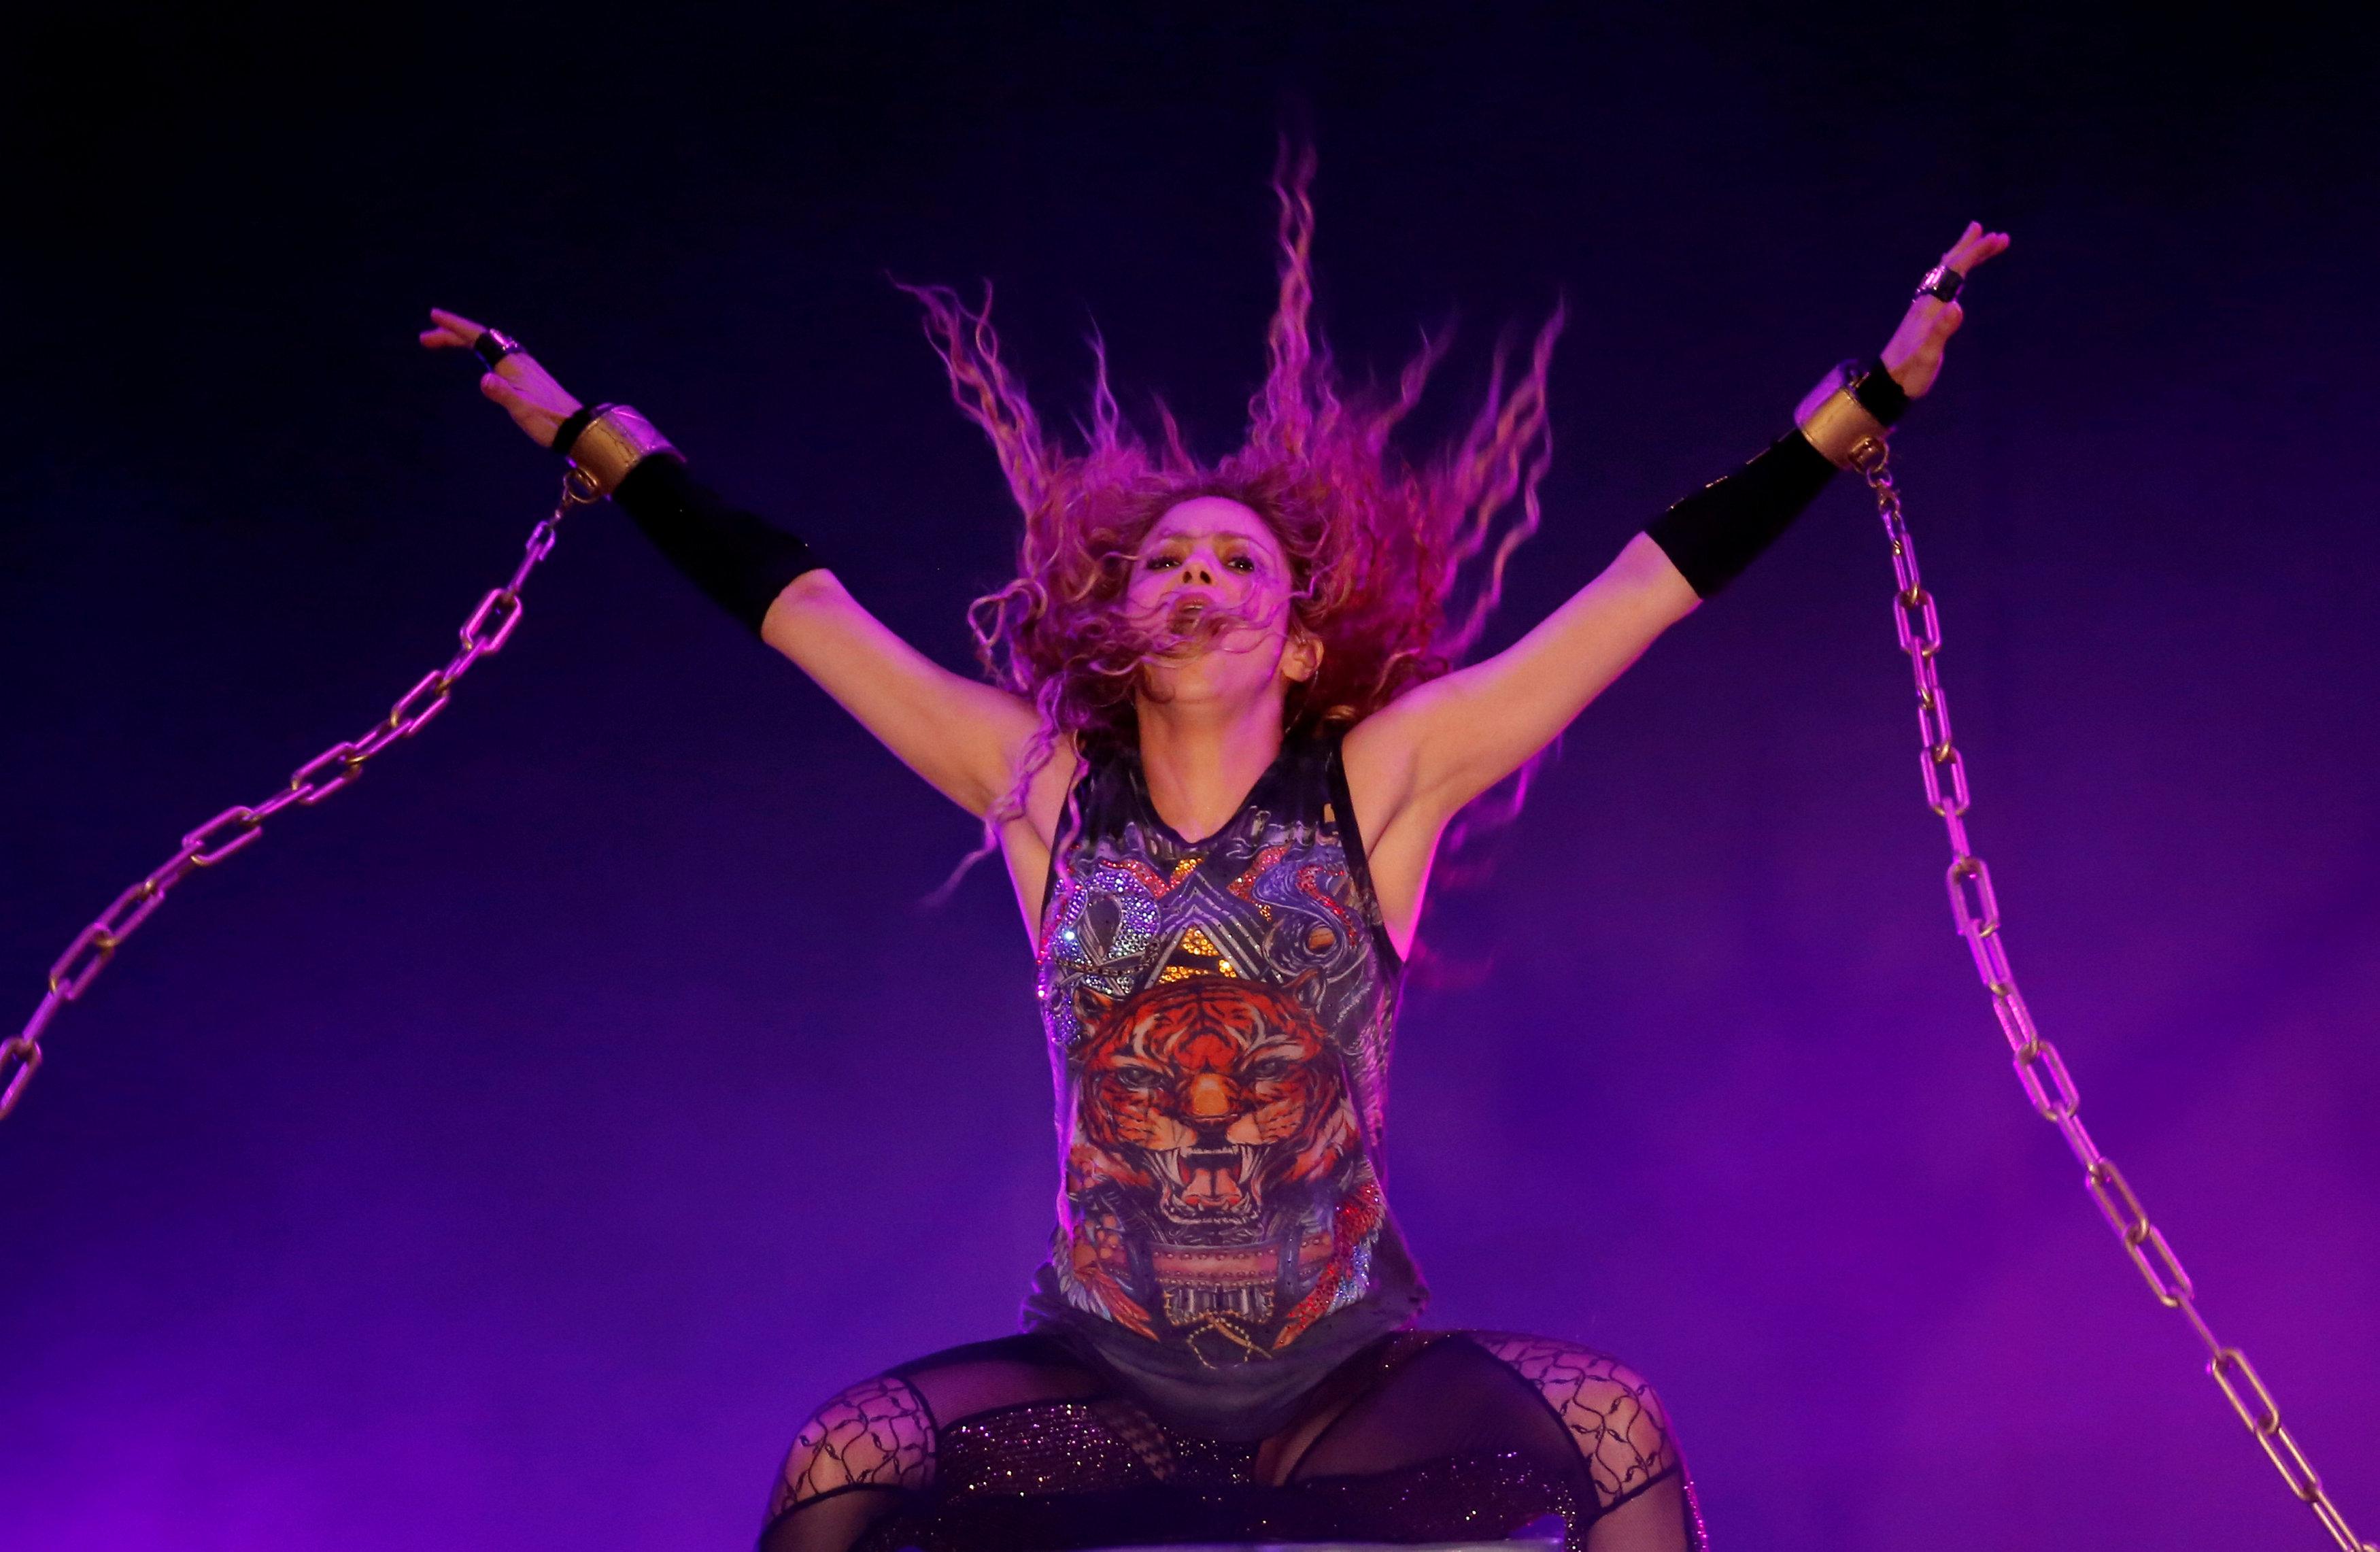 المغنية الكولومبية اللبنانية الأصل شاكيرا